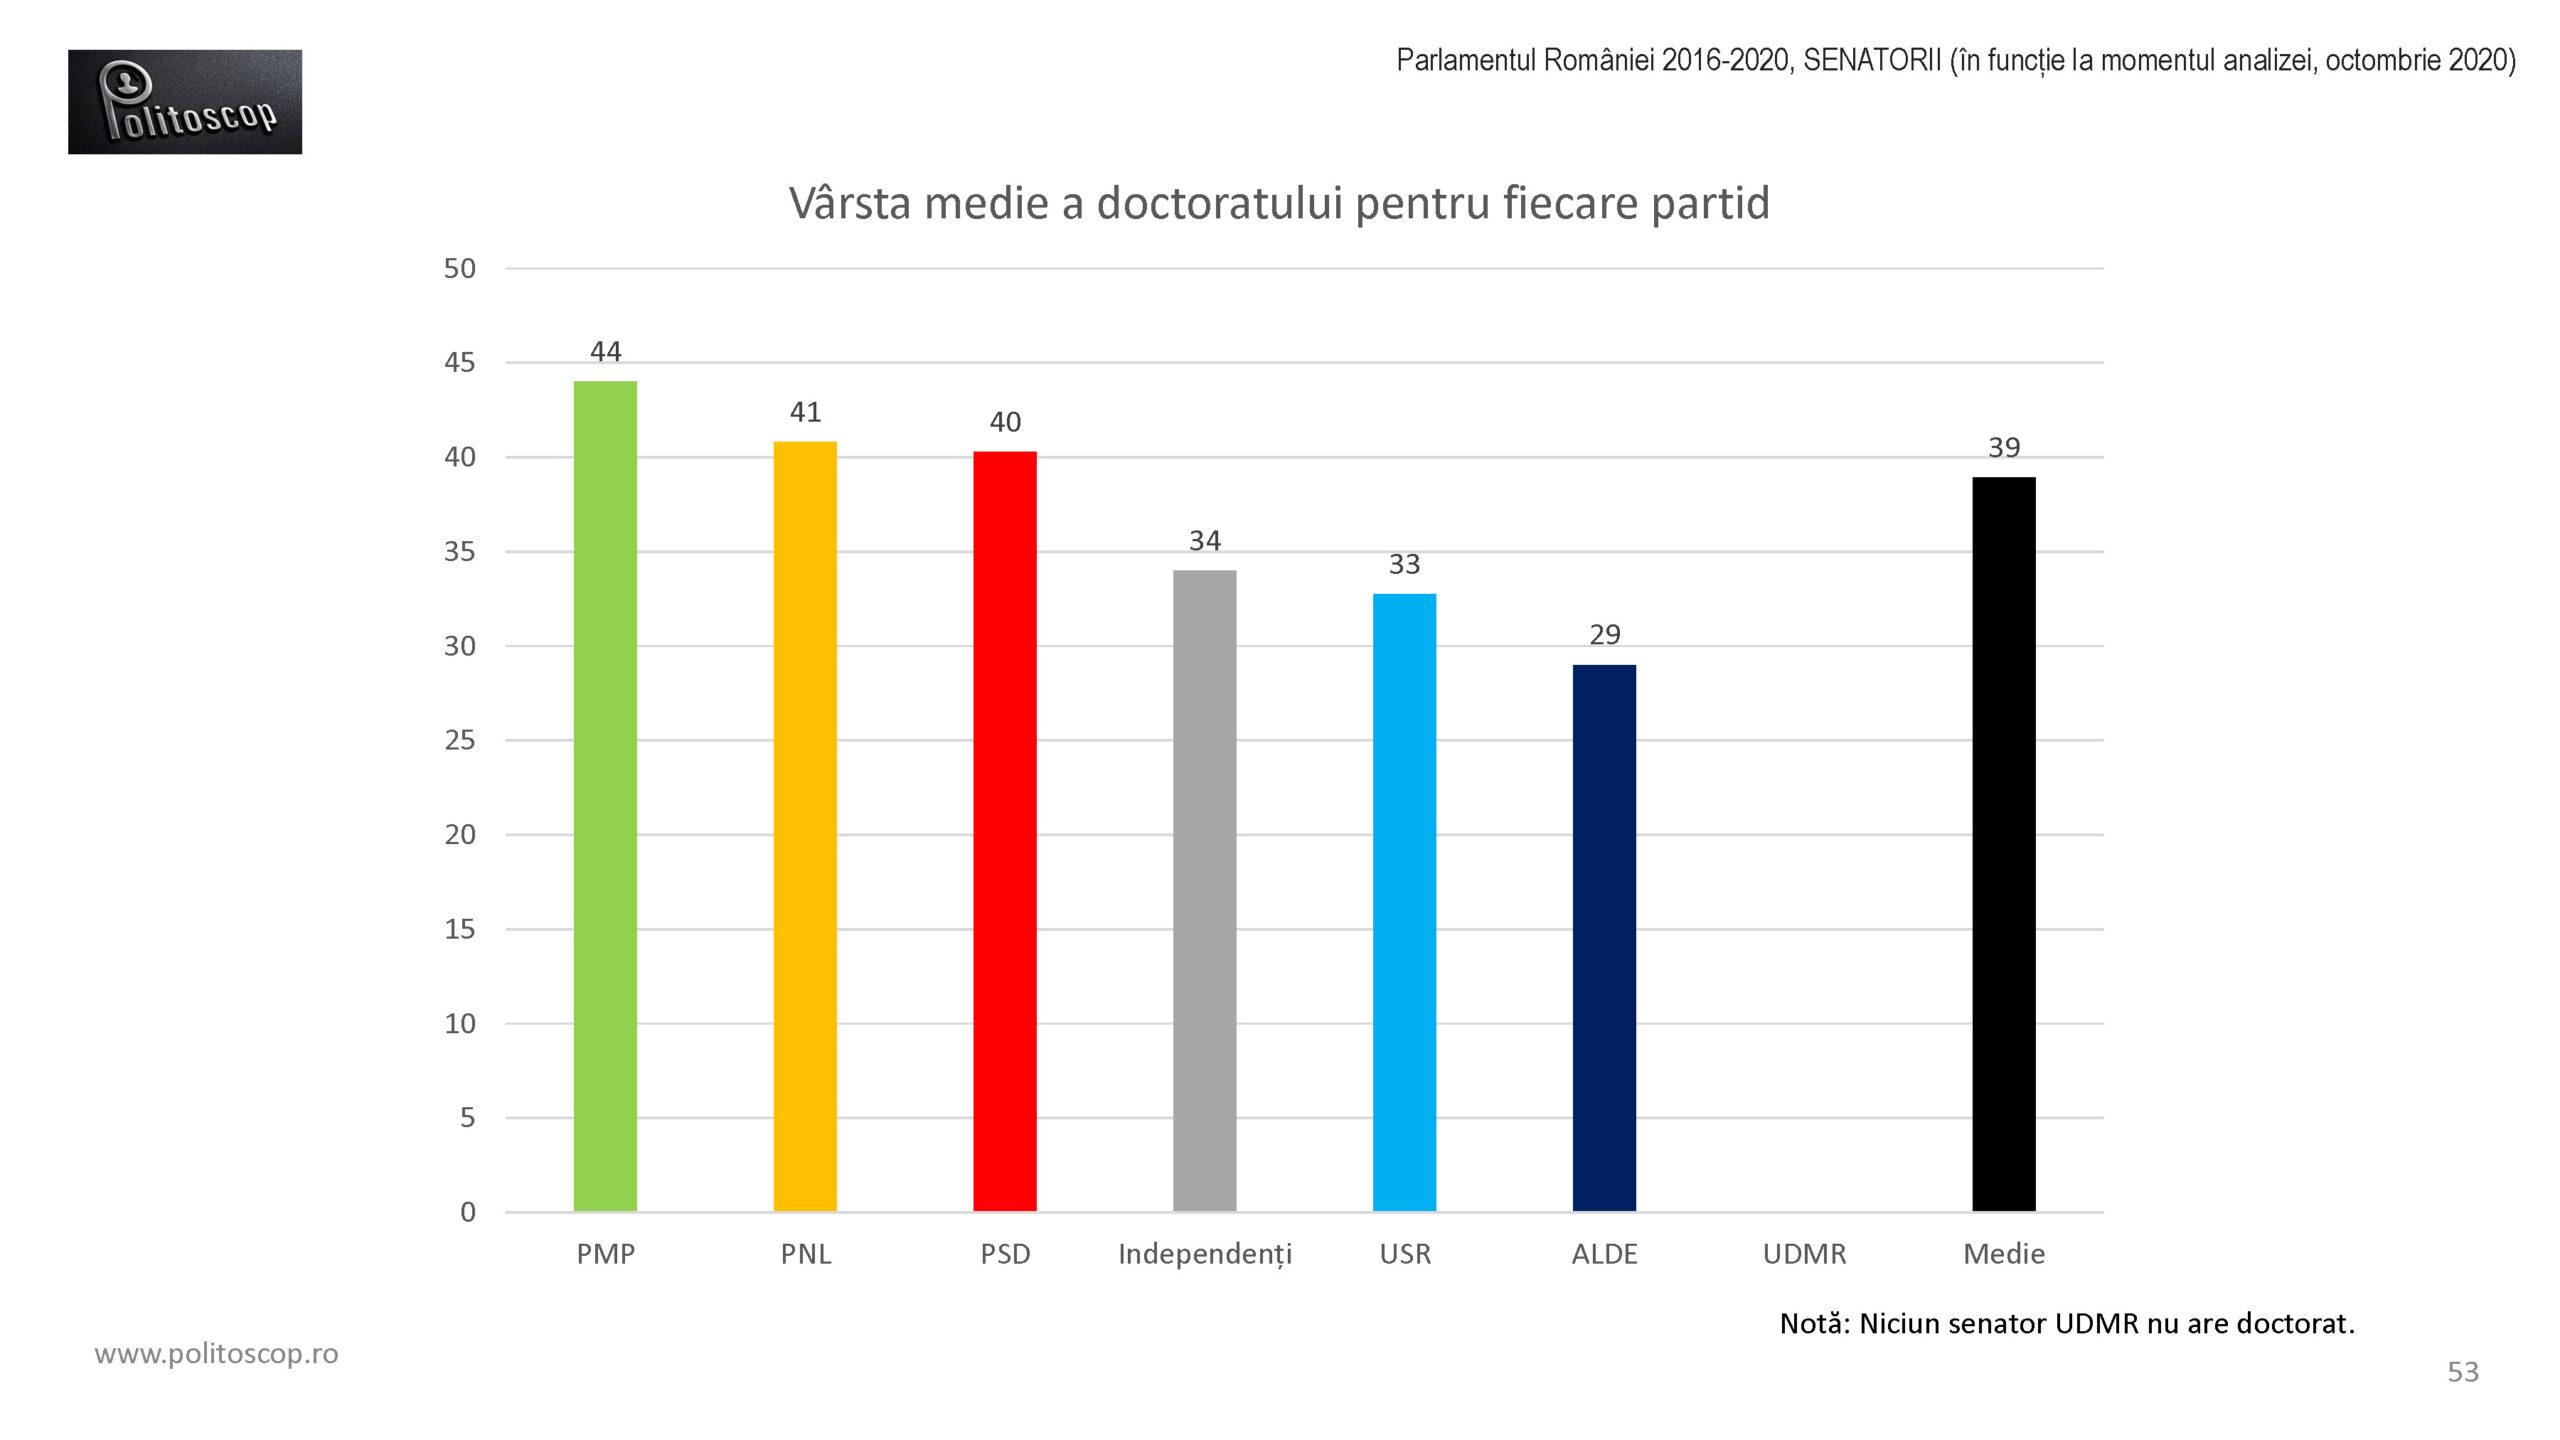 Politoscop - Doctoratele senatorilor romani 2016-20